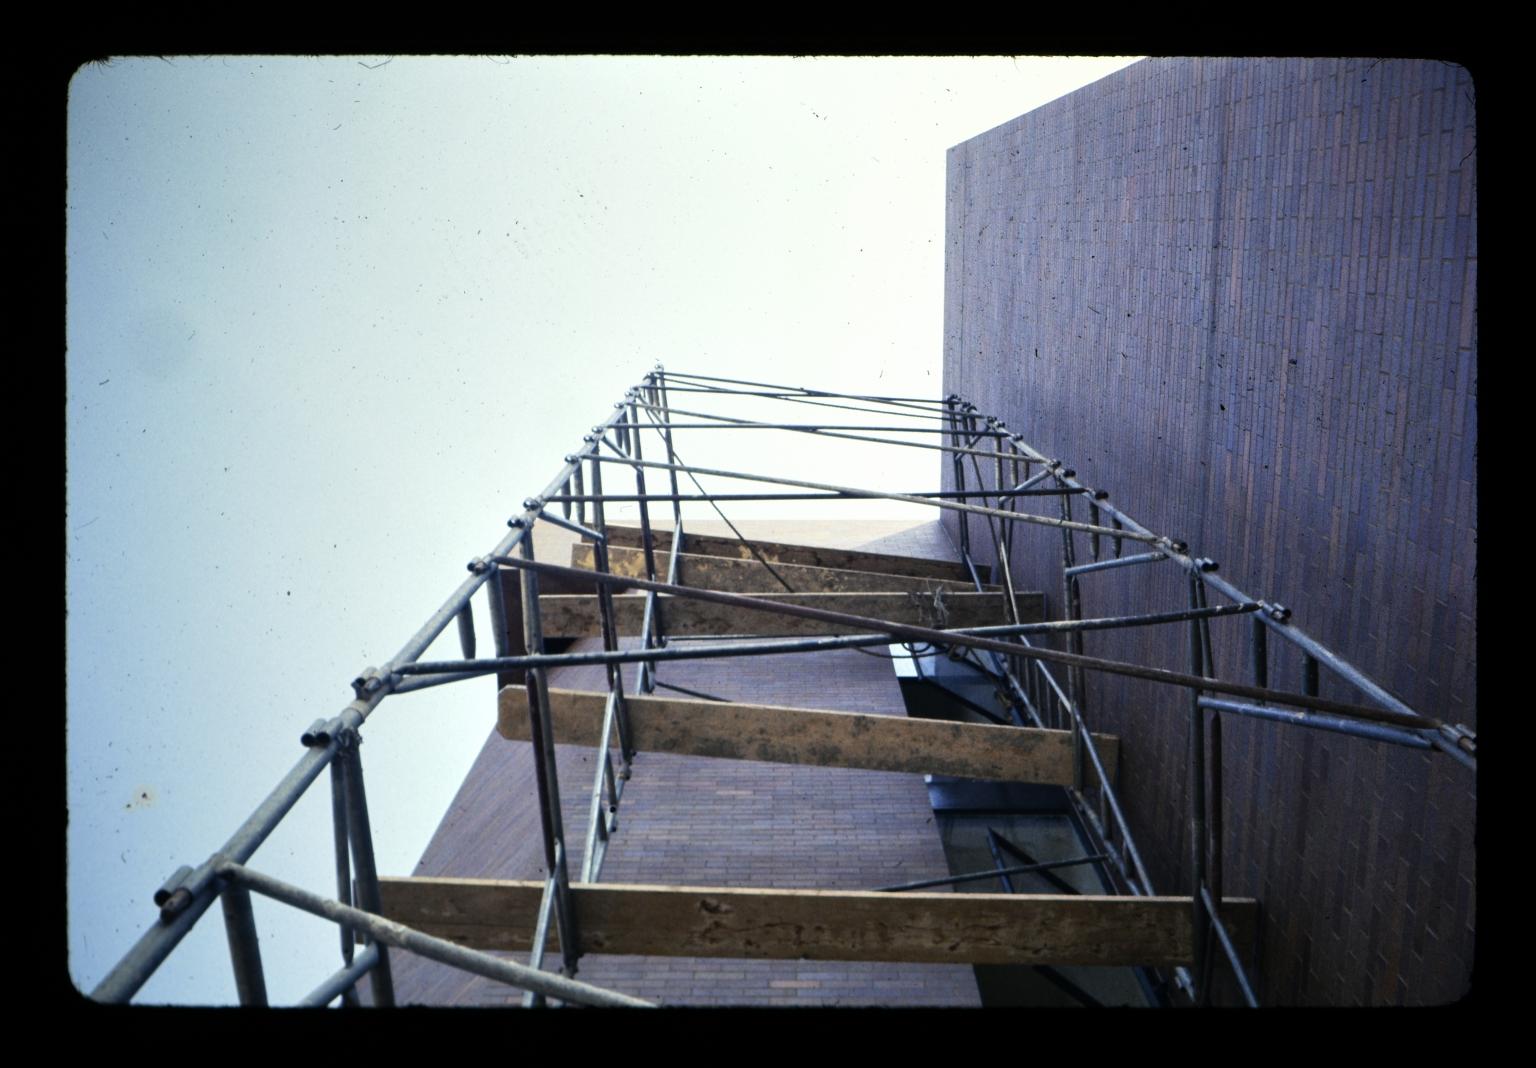 Scaffolding along exterior wall